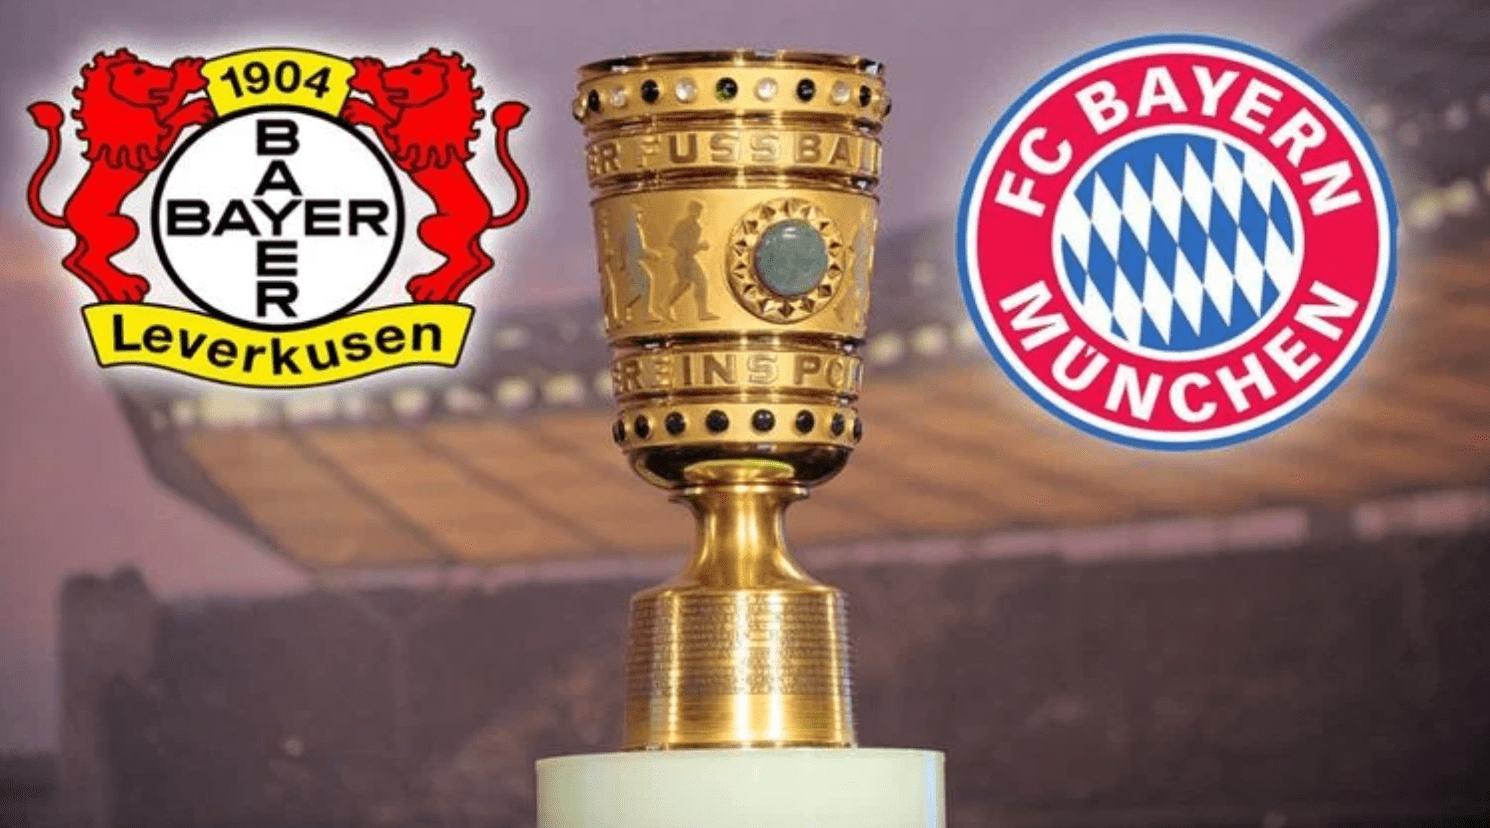 「德国杯」勒沃库森vs拜仁慕尼黑,拜仁双